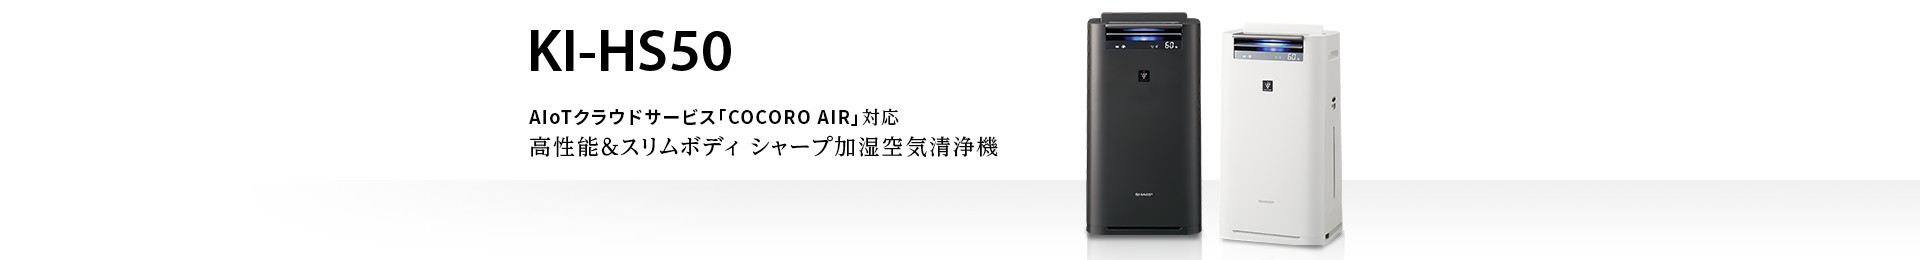 シャープ プラズマクラスター 加湿空気清浄機 KI-HS50